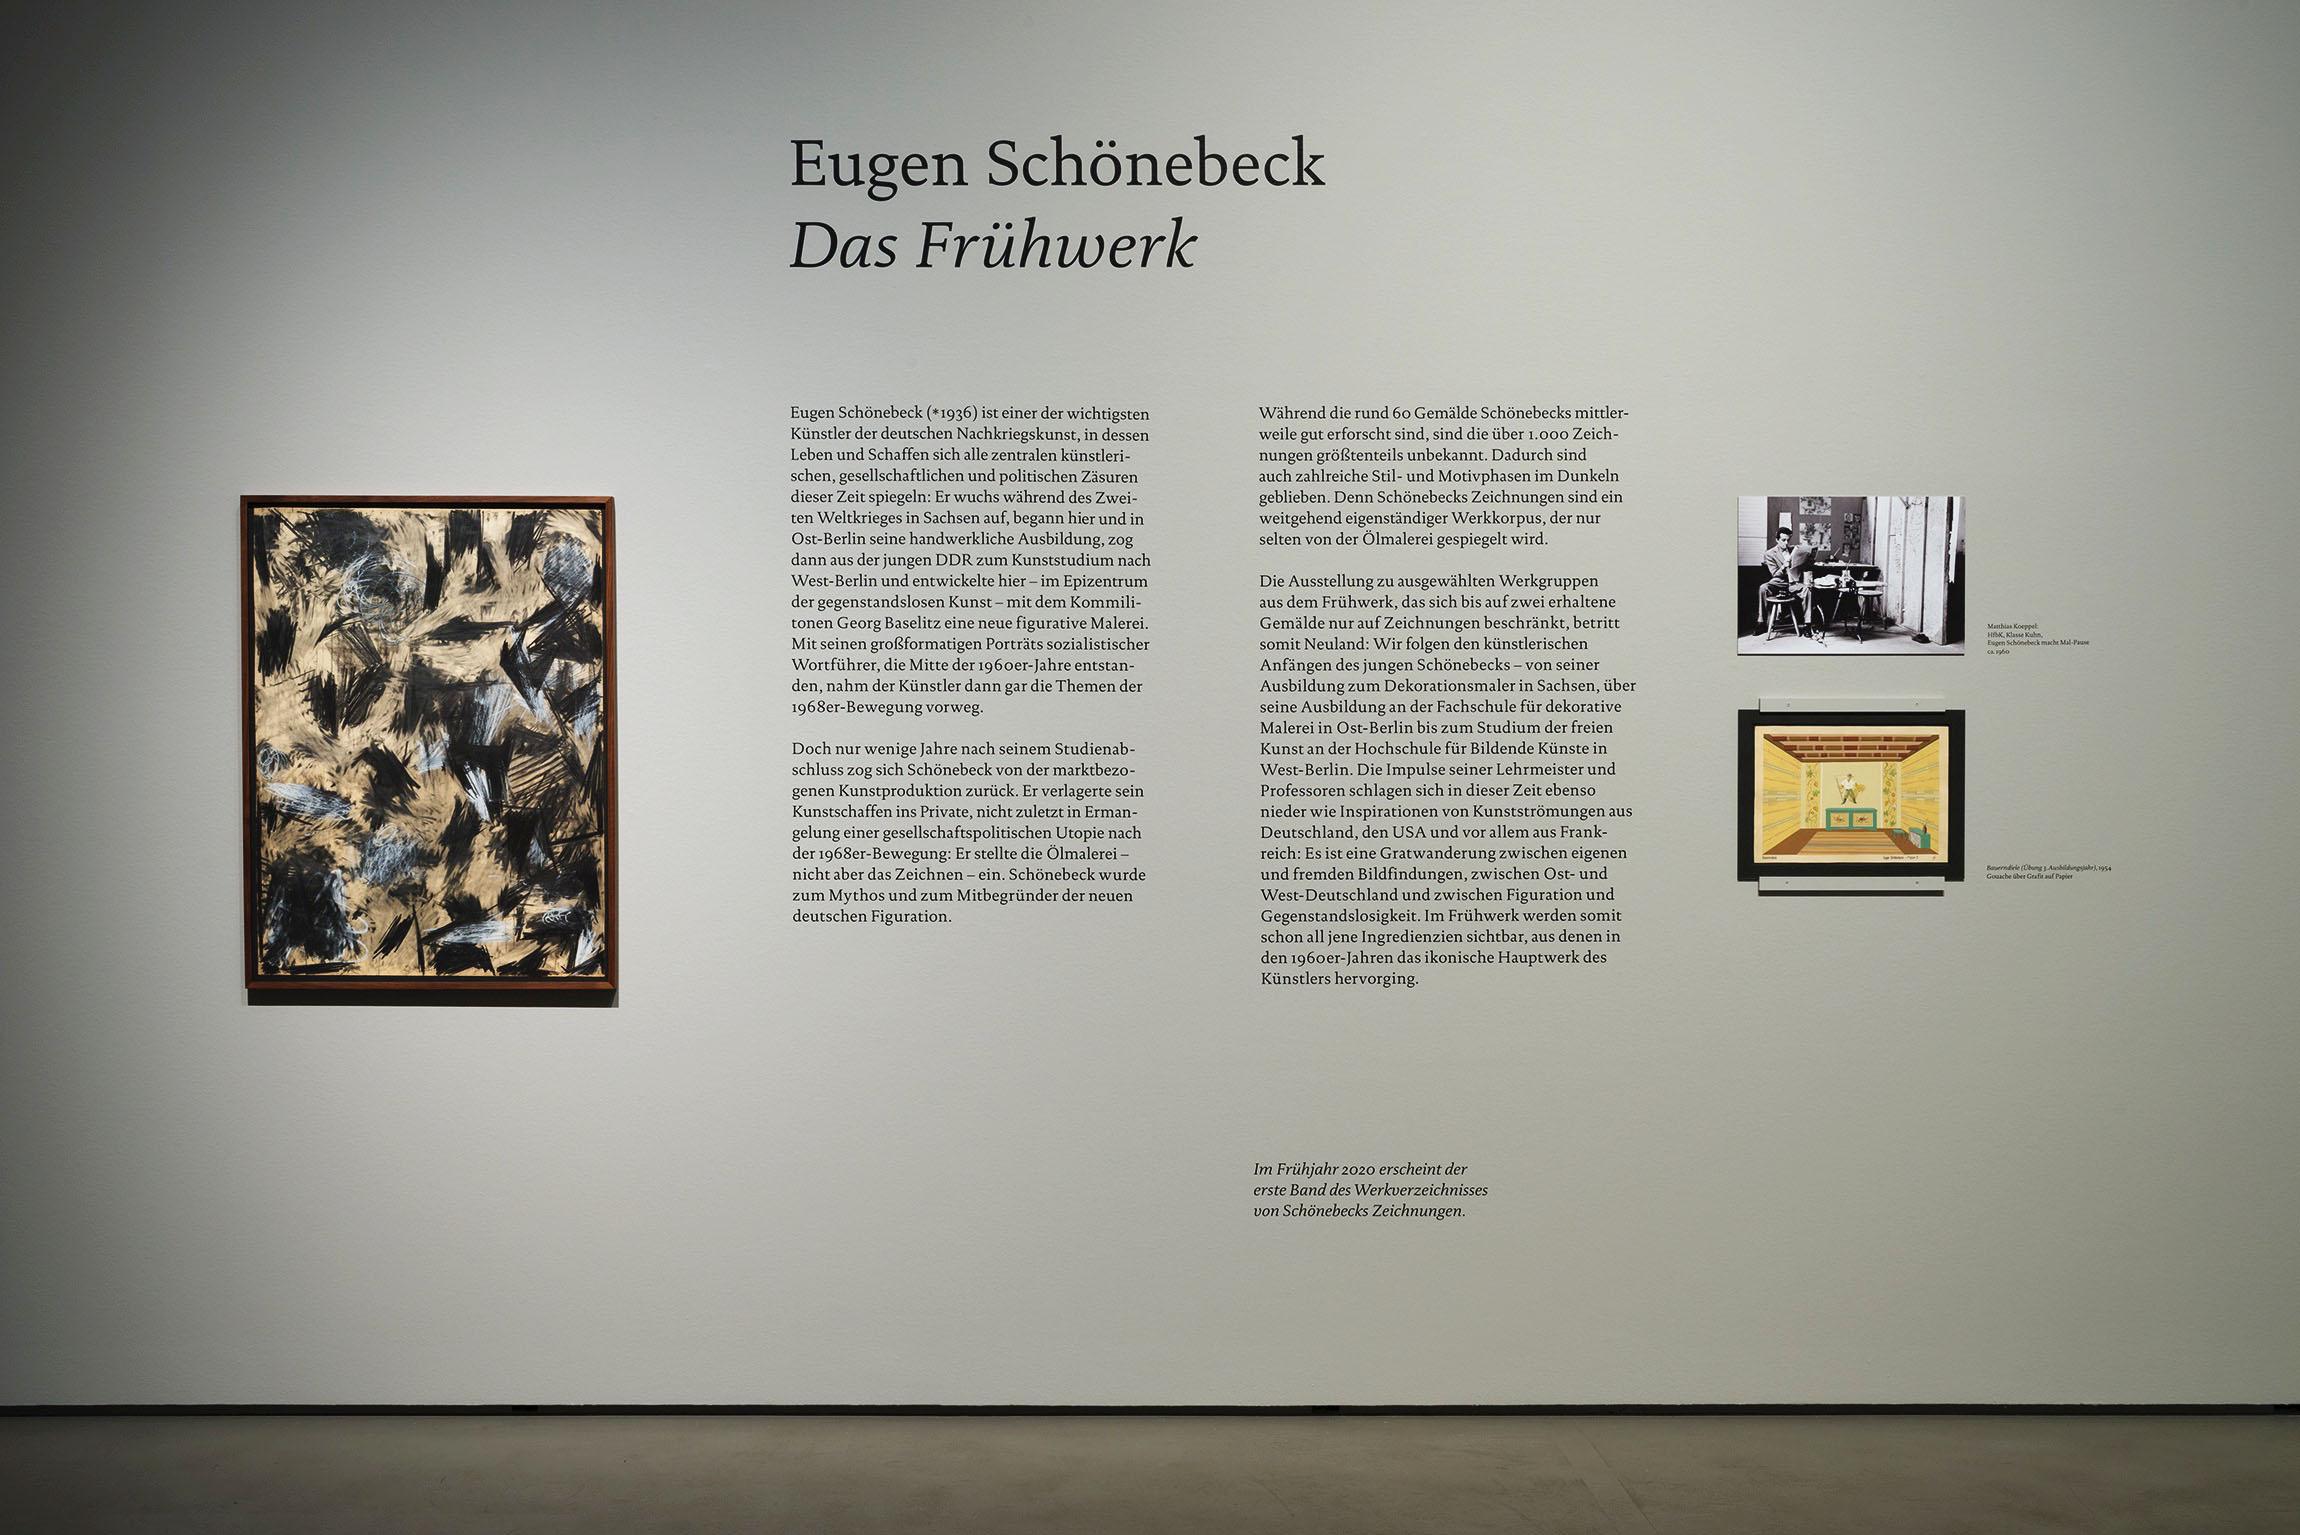 2019 Eugen Schönebeck Das Frühwerk